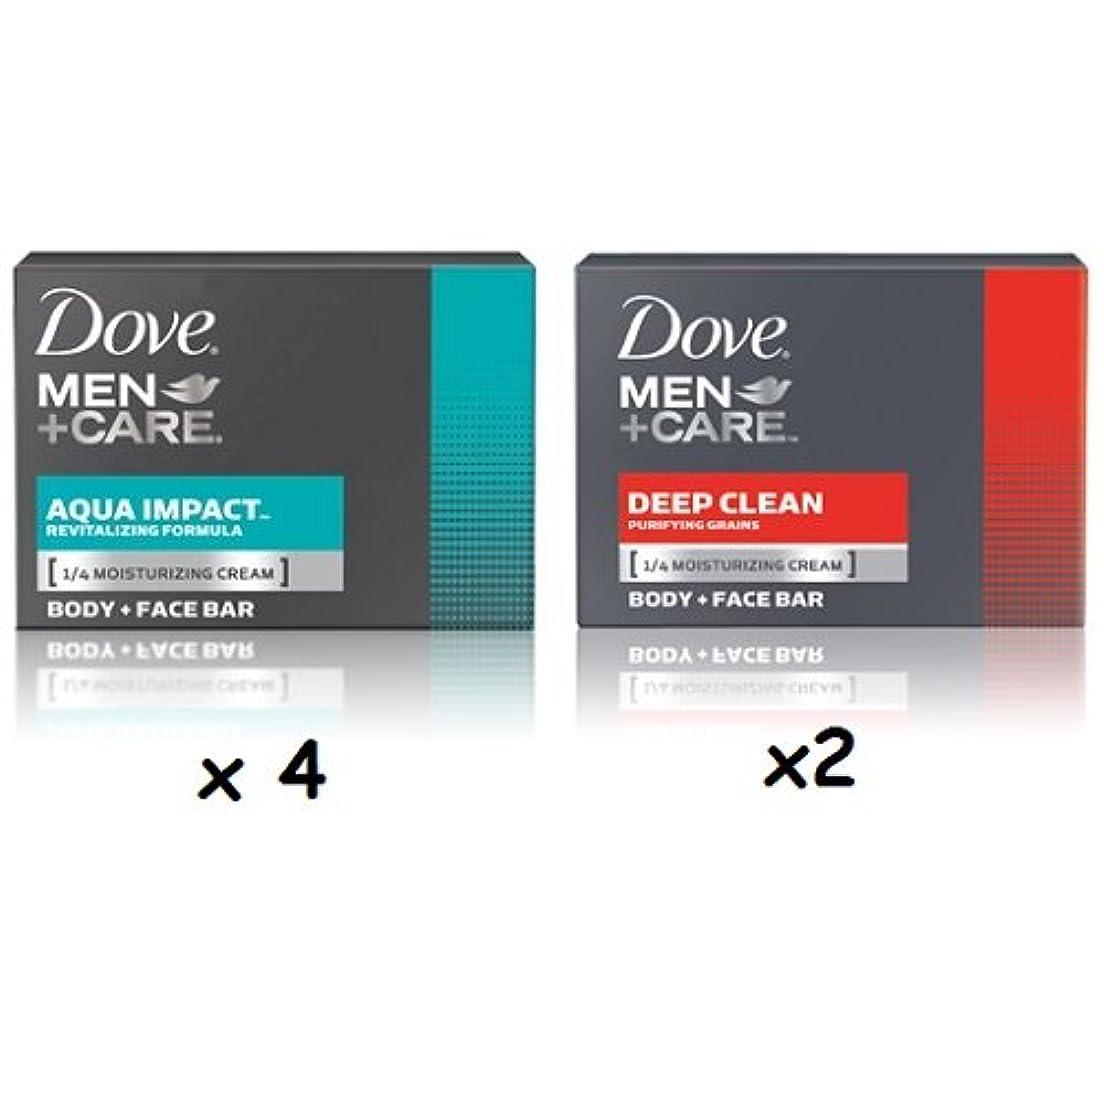 最近教育する大洪水【6個セット】Dove MEN+CARE Body&Face Bar Soap (4ozx6) ダヴ メンズプラスケア 体&顔用の固形石鹸(113gx6)(Deep Clean 4個とAqua Impact2個 合計6個...